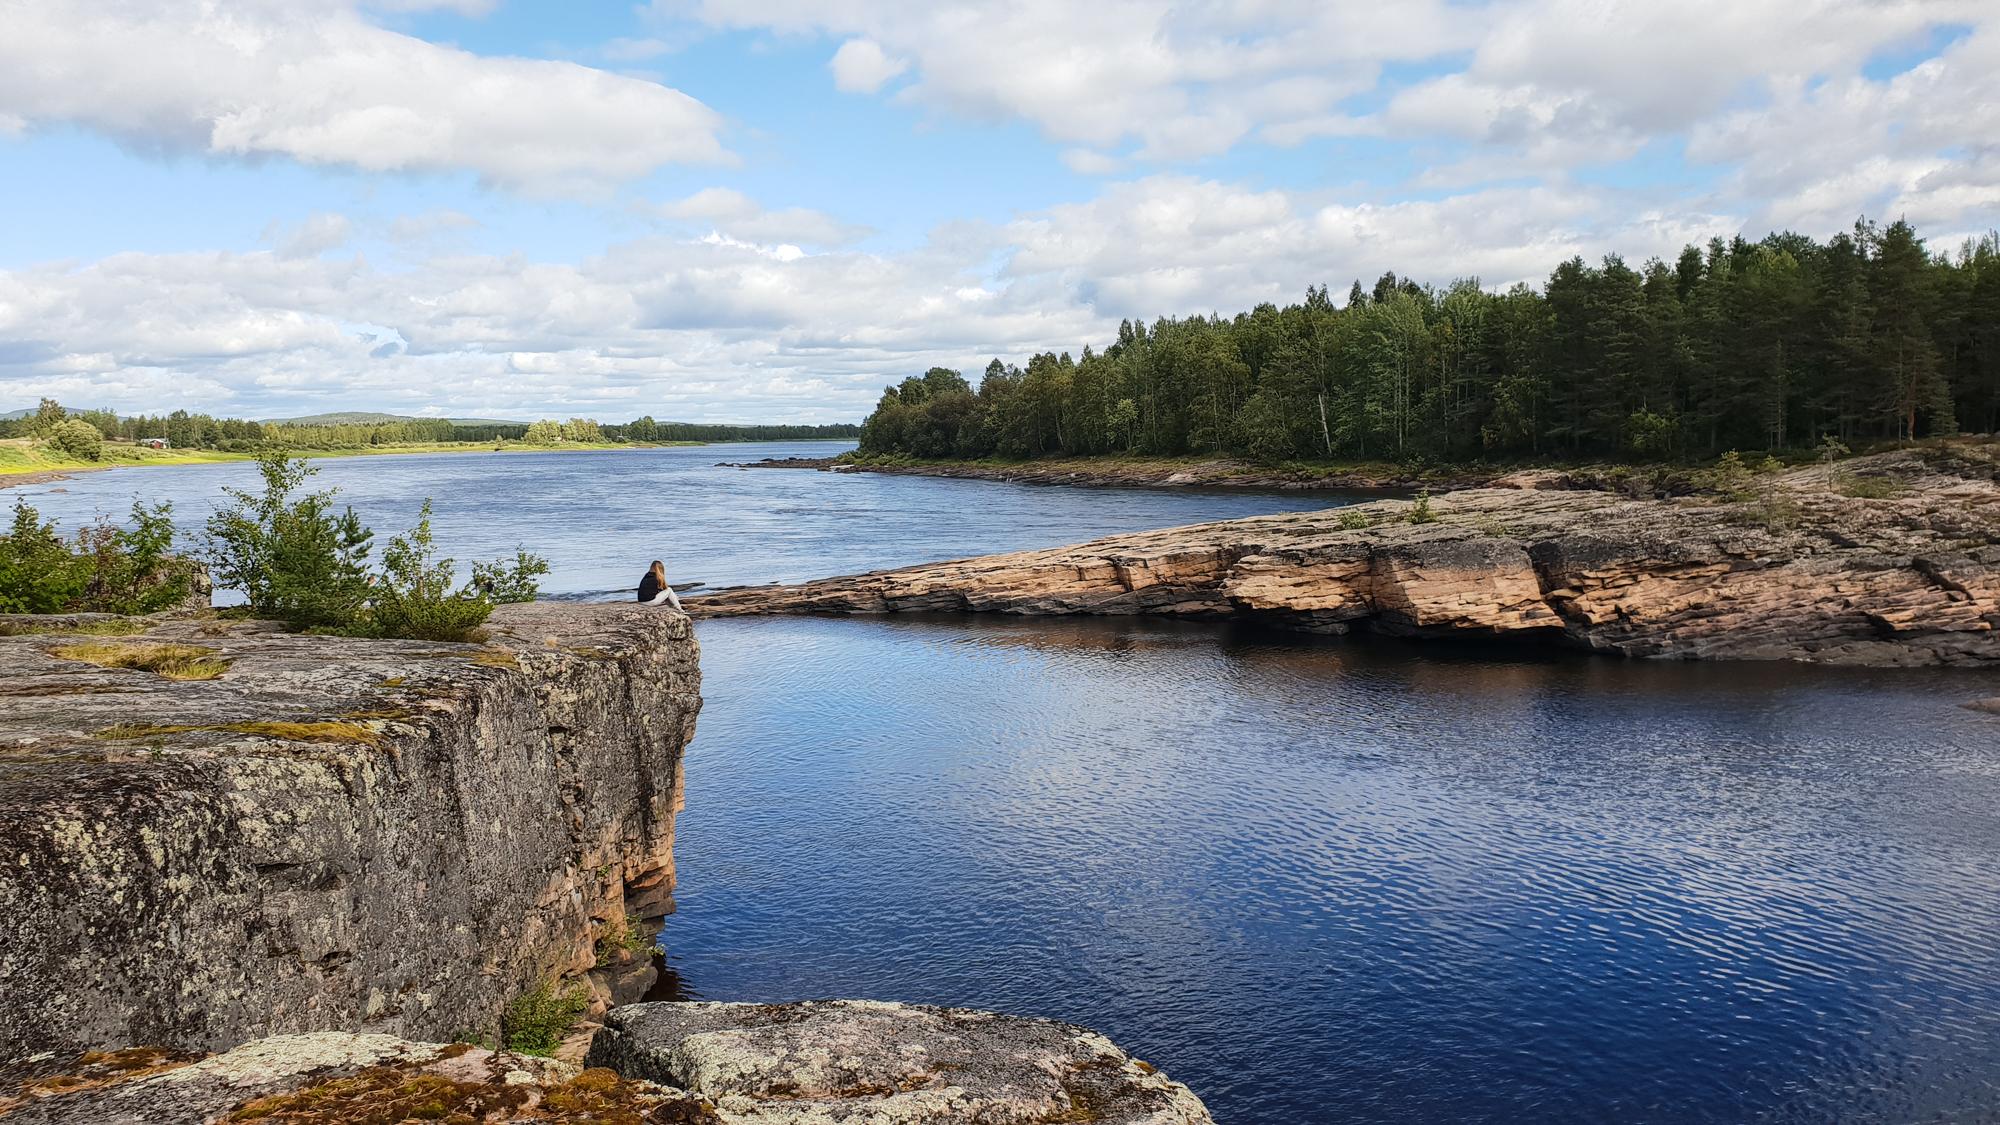 на берегу шведской реки